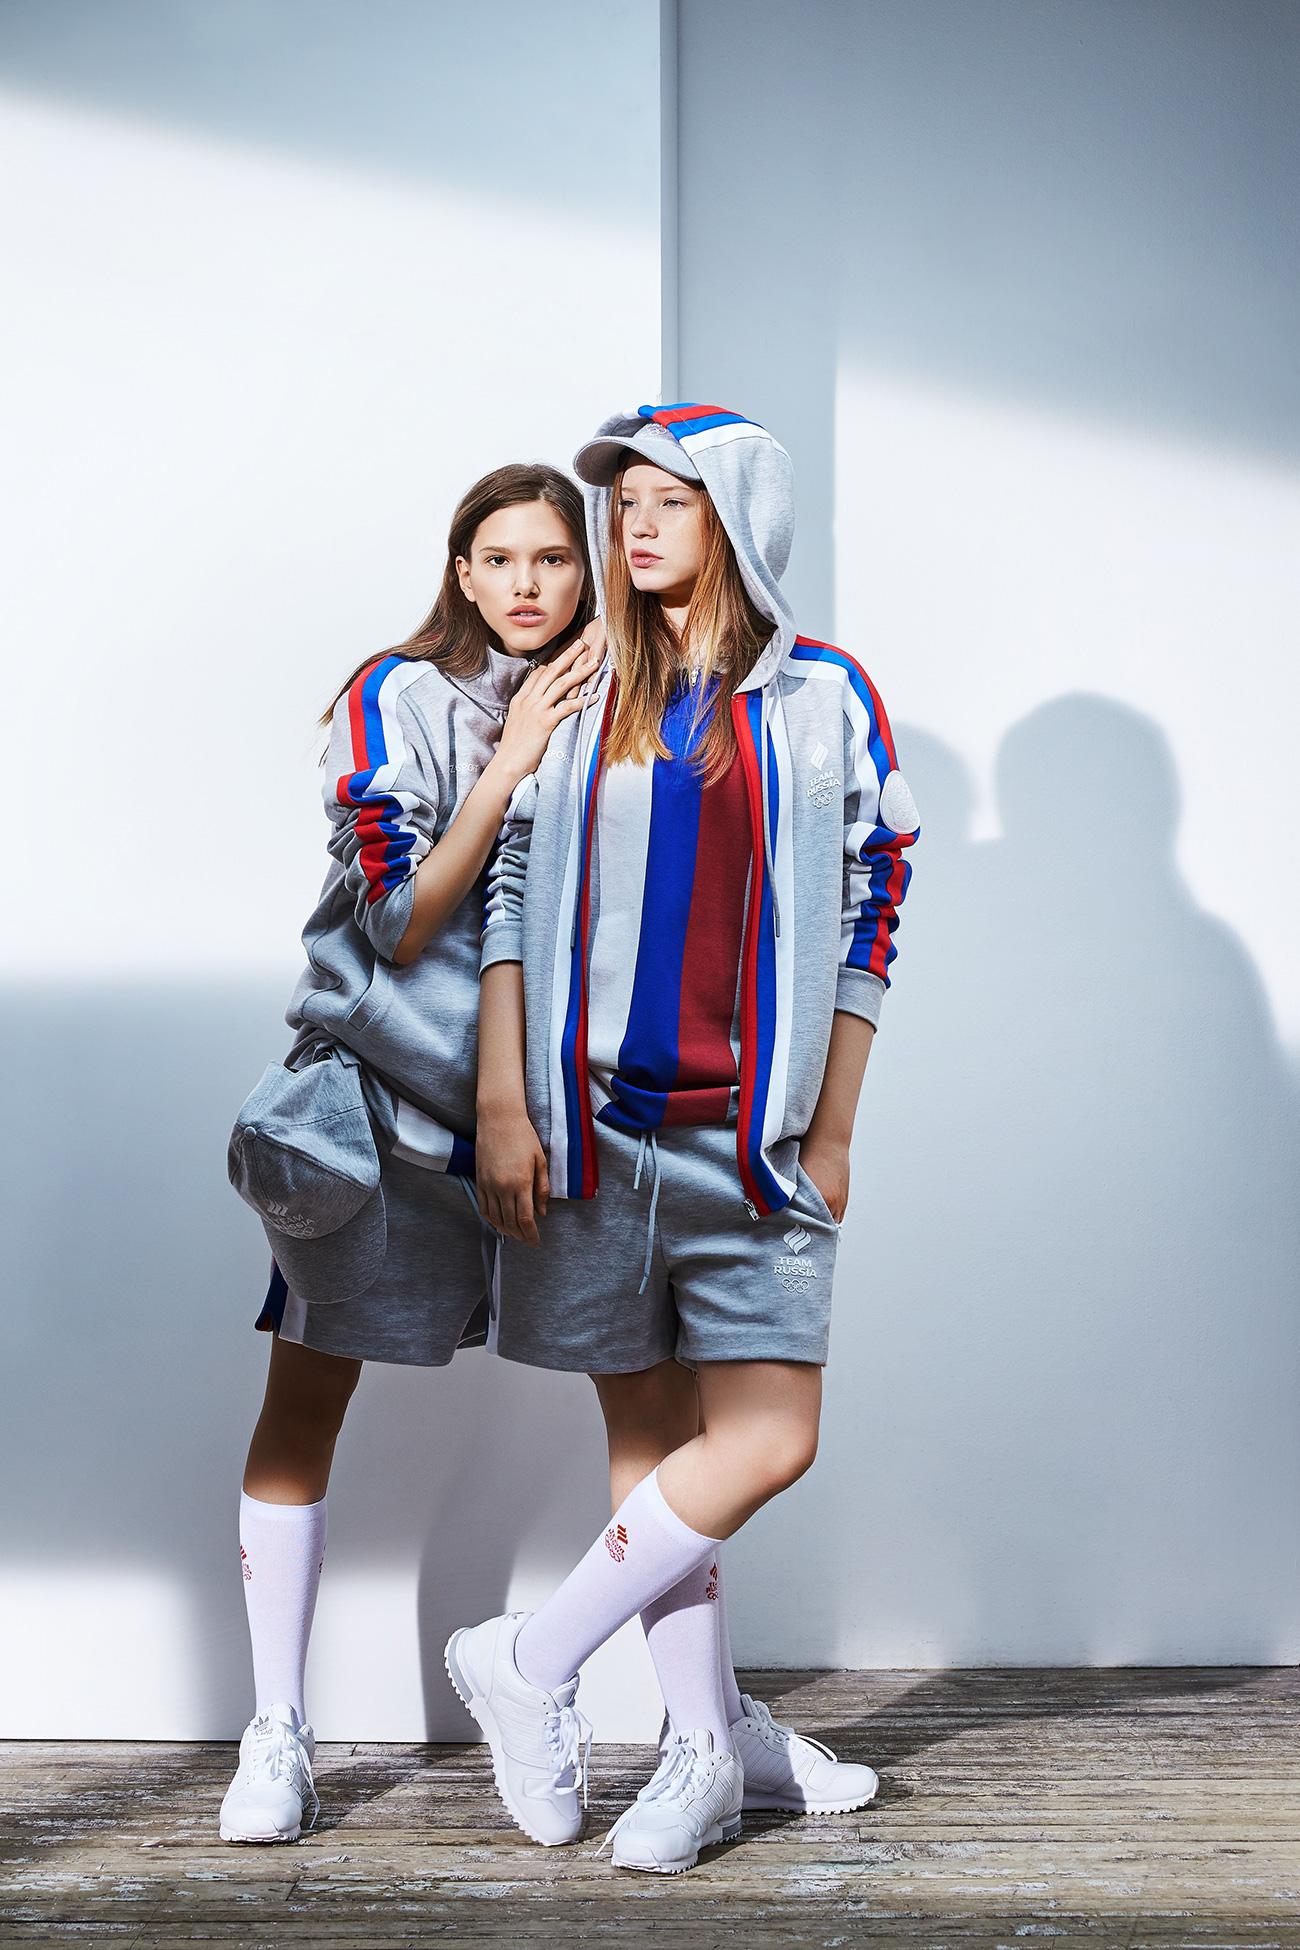 """""""Урбана сива""""користи се као основа нових комплета, а на њу су аплициране боје руске заставе бела, црвена и плава."""